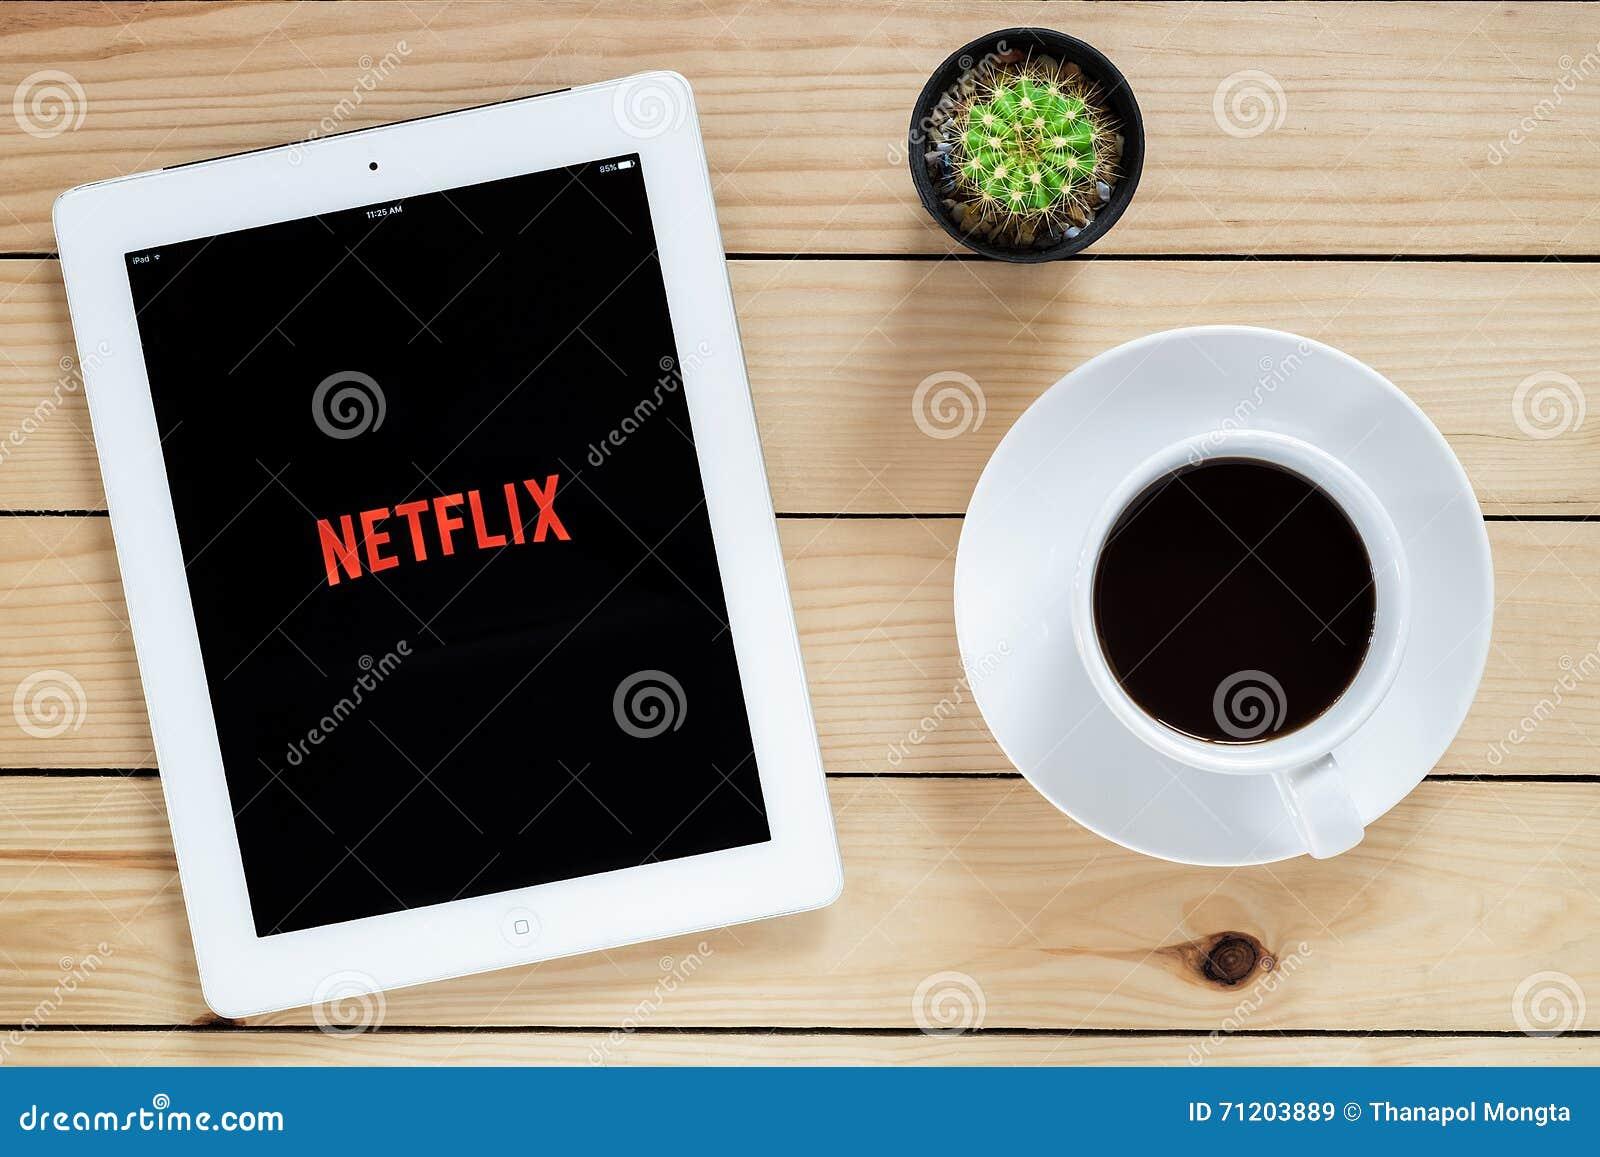 IPad 4 ανοικτή εφαρμογή Netflix